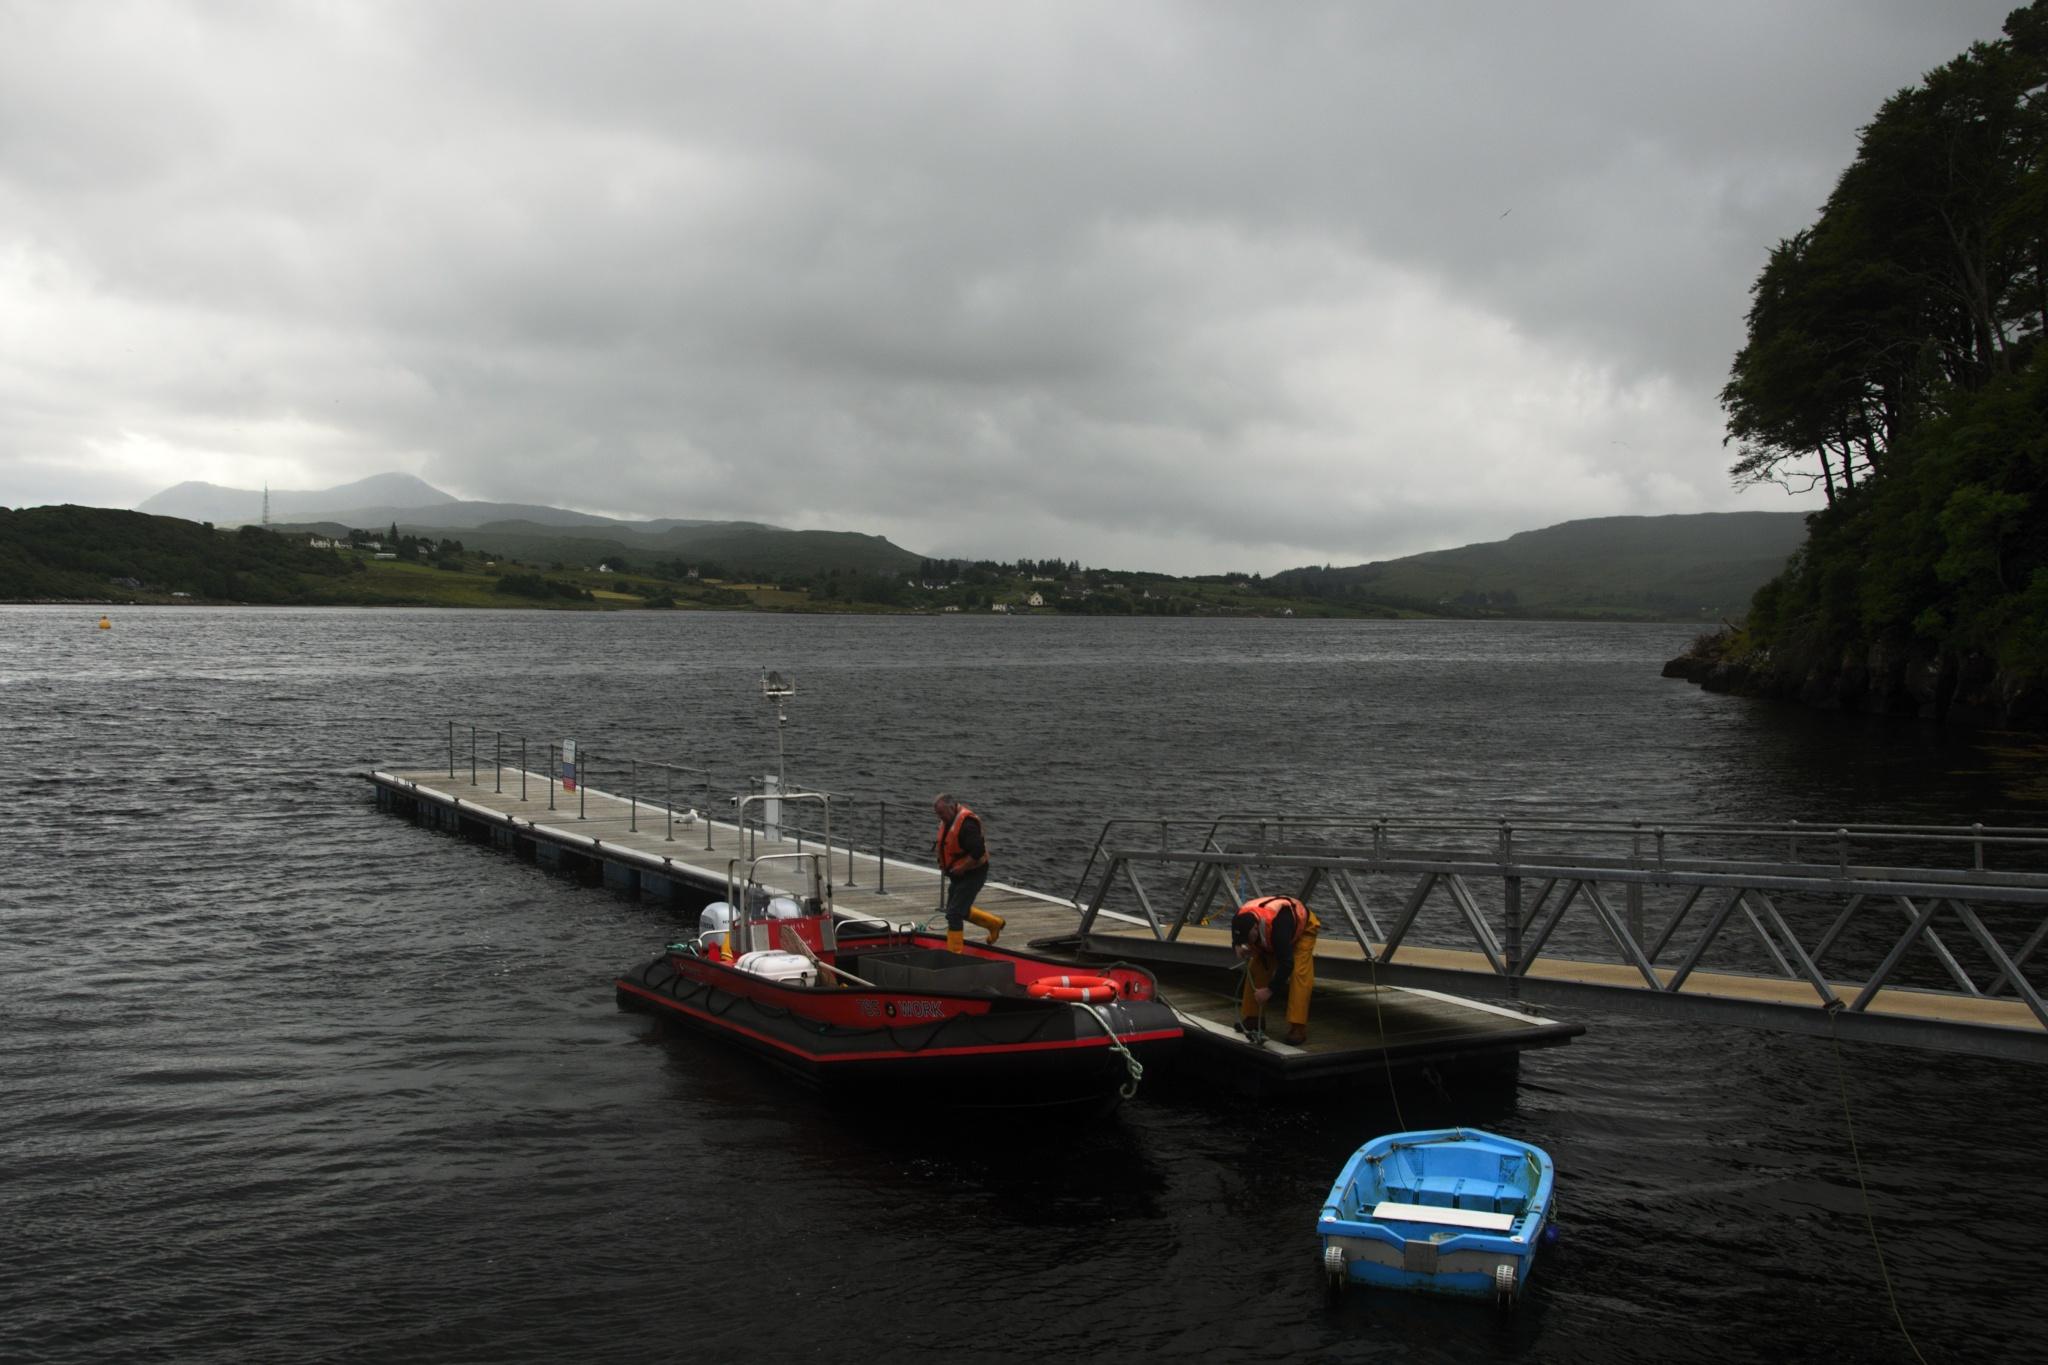 Rybáři v přístavu